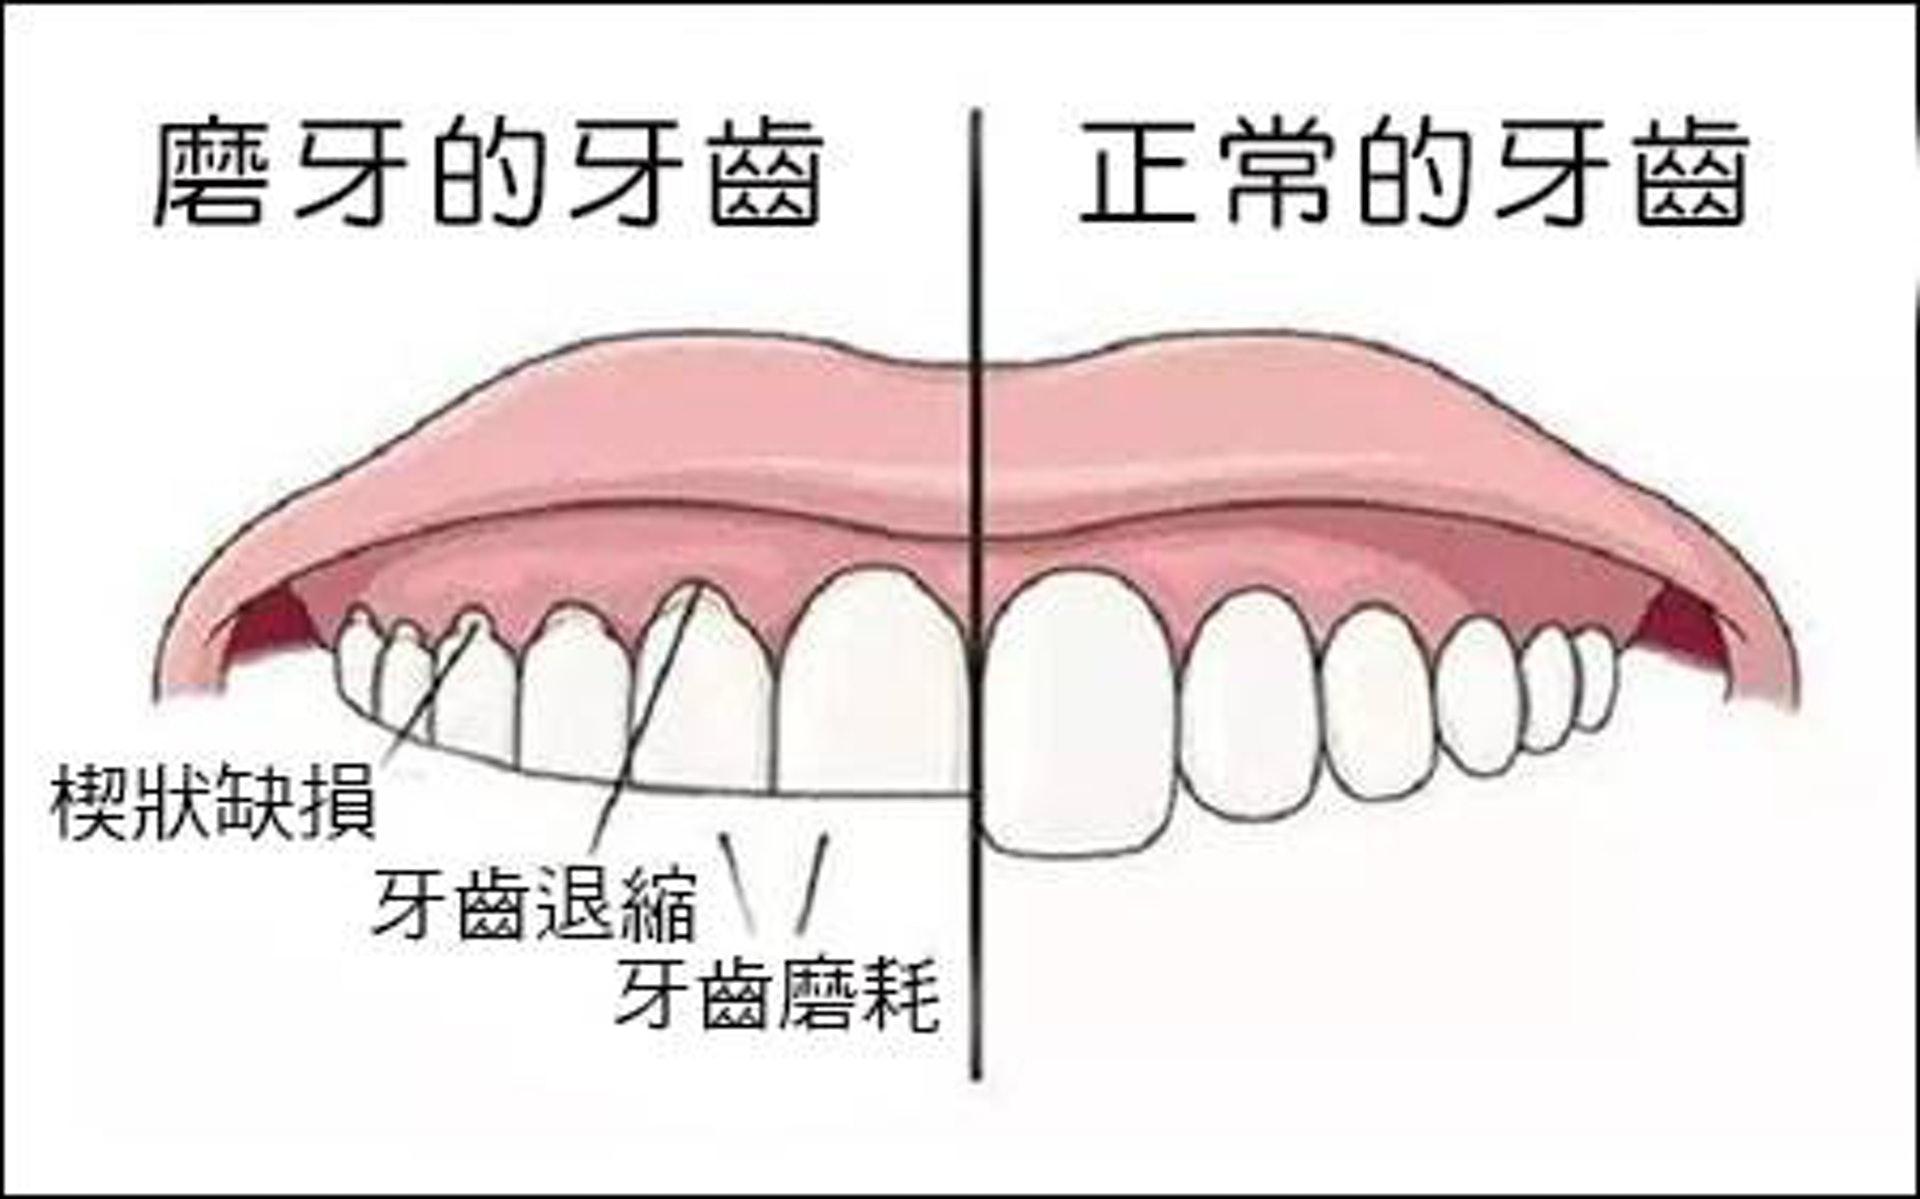 磨牙最大壞處是損蝕琺瑯質,令象牙質外露;而象牙質較柔軟,保護力不及琺瑯質,令牙齒磨蝕得更快。(圖片:today.line.me)